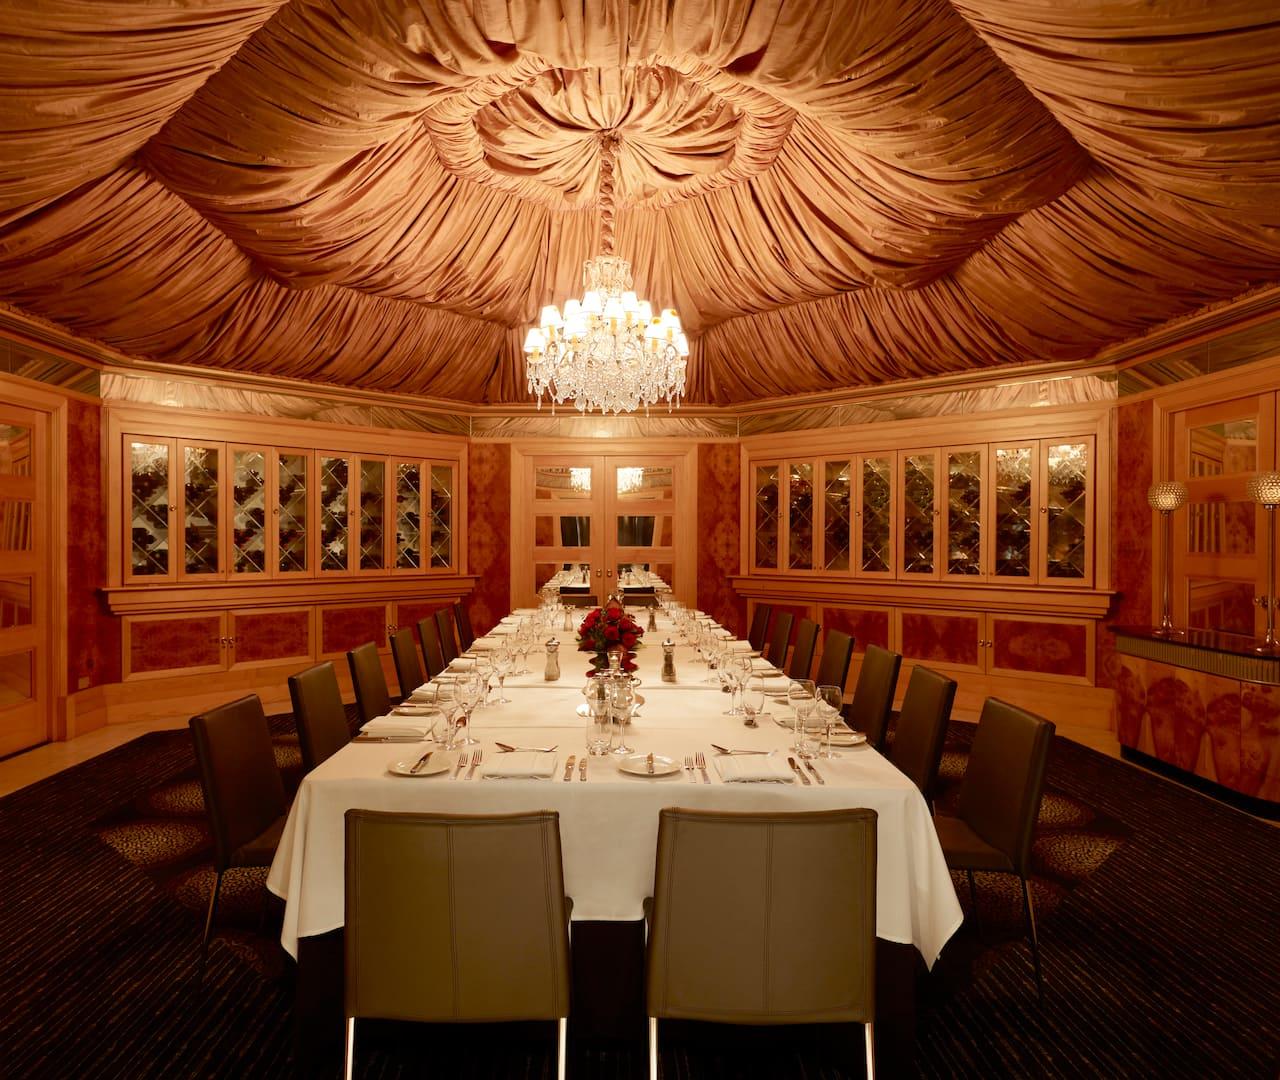 Gershwin's wineroom